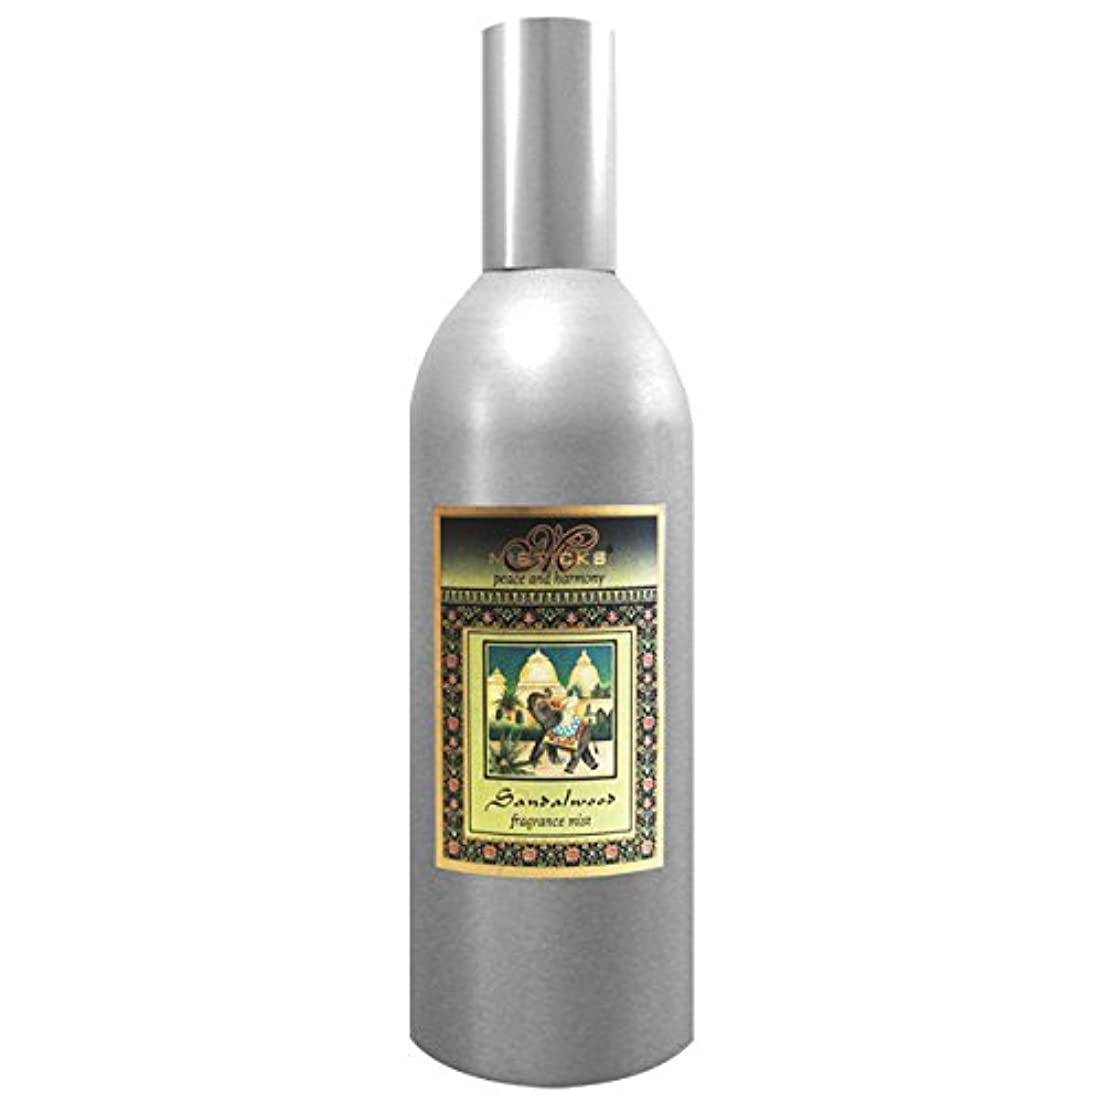 ウィスキーベッツィトロットウッドアダルトMisticks Fragrance Mist SANDALWOOD ミスティックス フレグランス ミスト サンダルウッド